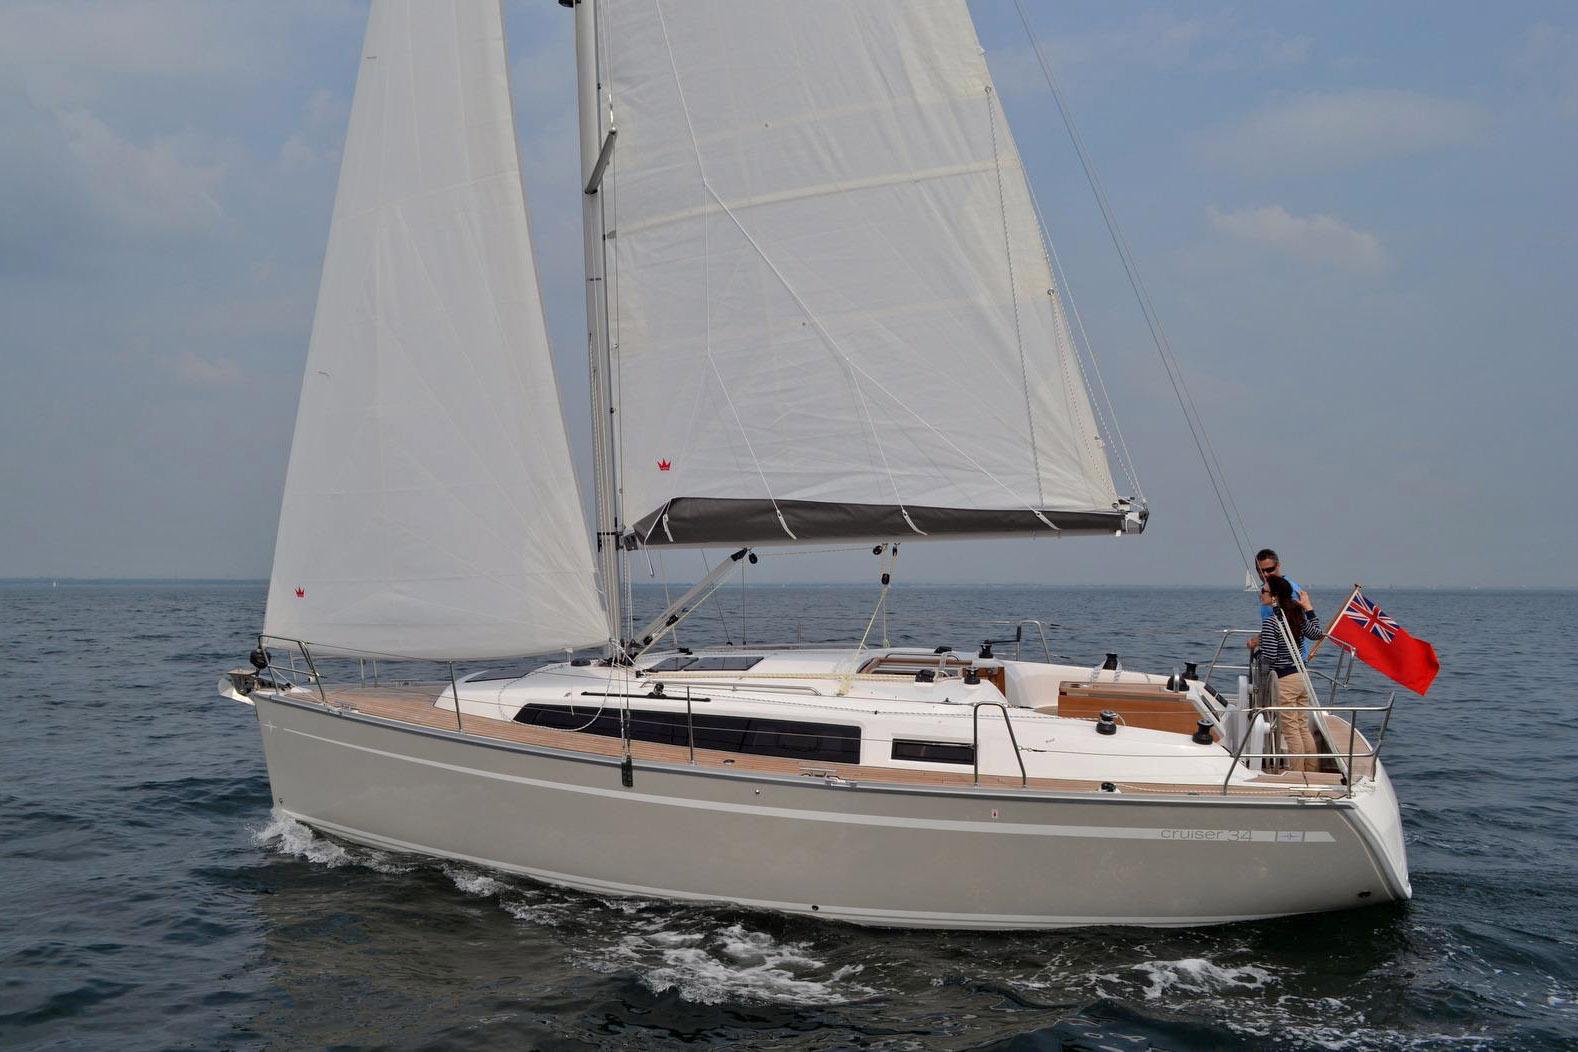 Dei Cruiser 34 mit Standardbesegelung . Dank Gewichtsersparnis durch Infusionsbauweise sind die Segelleistungen auch bei Leichtwind ansprechend.